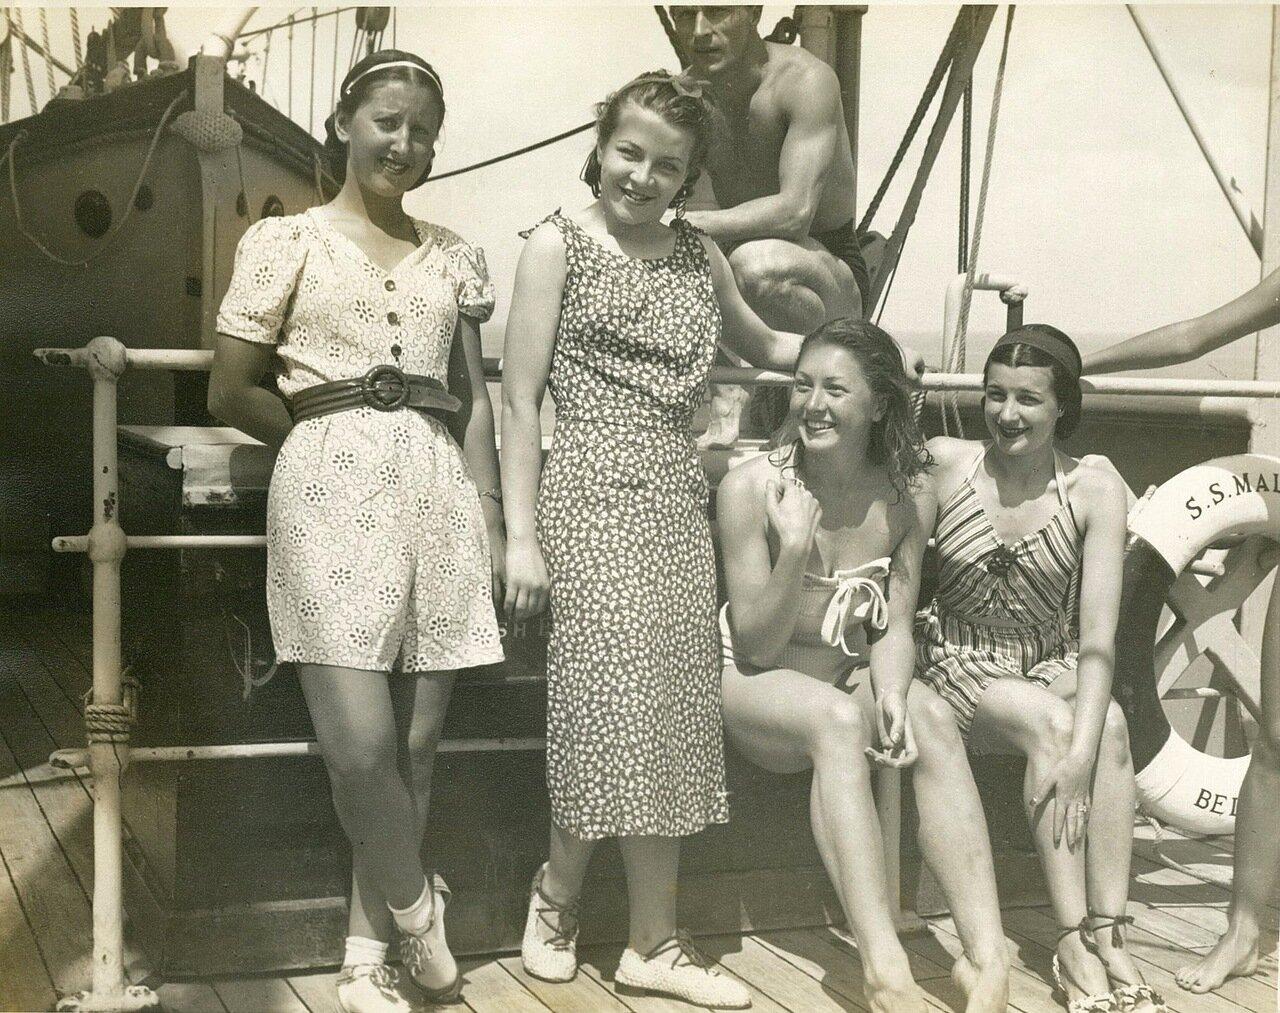 Русские балерины «Ковент-Гардена» на «SS Maloja» во время австралийского тура, сентябрь 1938